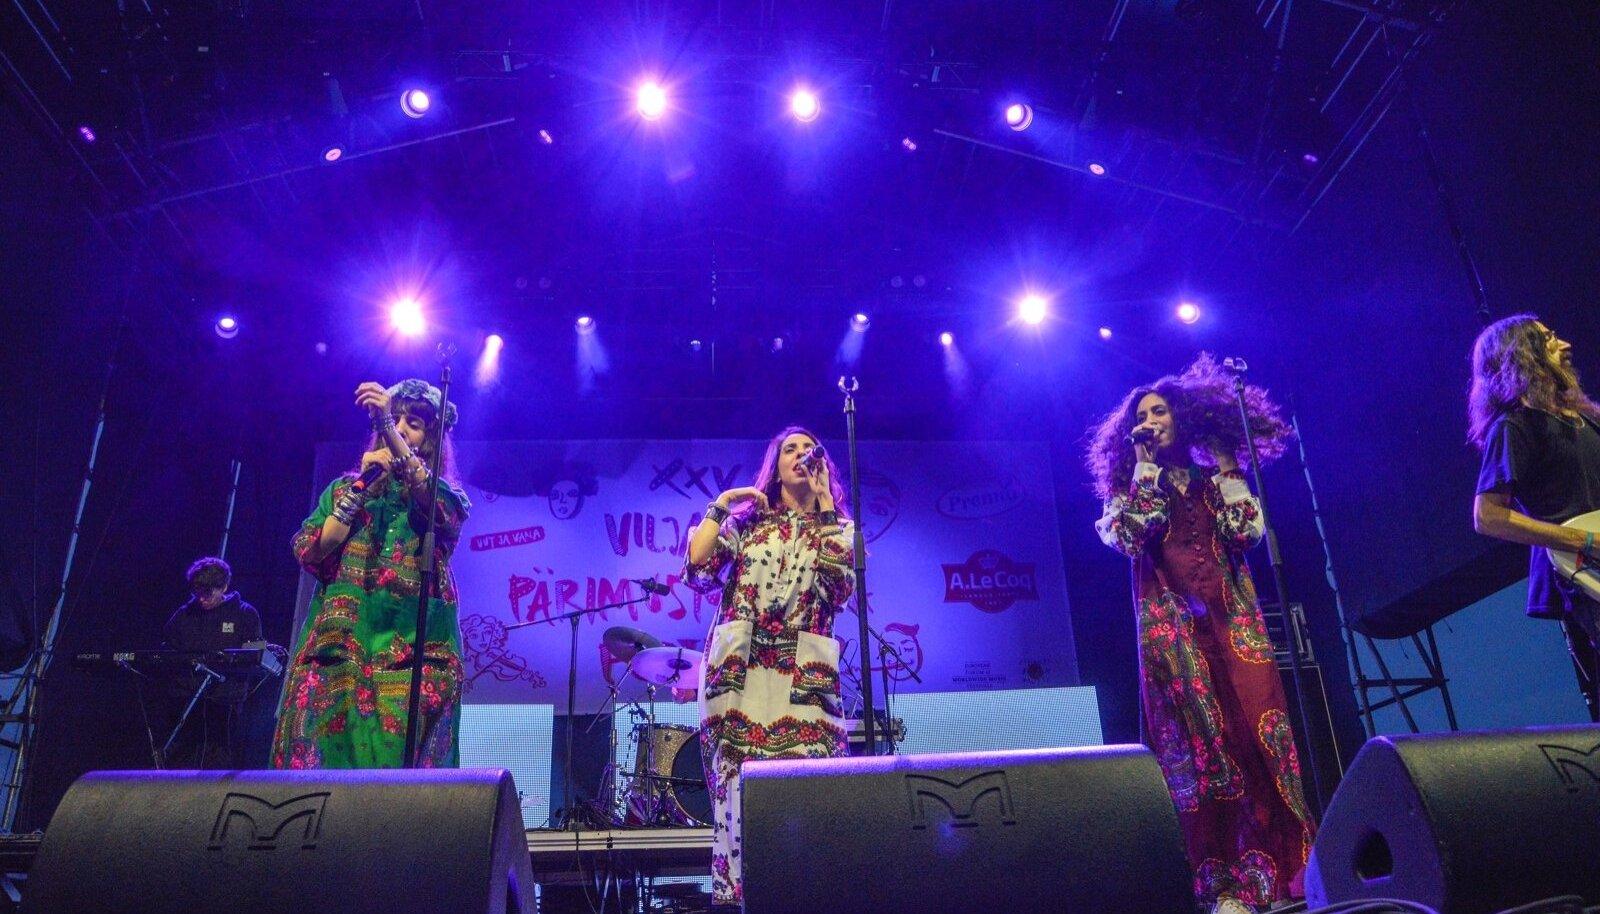 Tänavuse festivali kõige elektroonilisem esineja, juudi jemeniitide bänd A-Wa pakkus publikule rokikontserdi elamust.